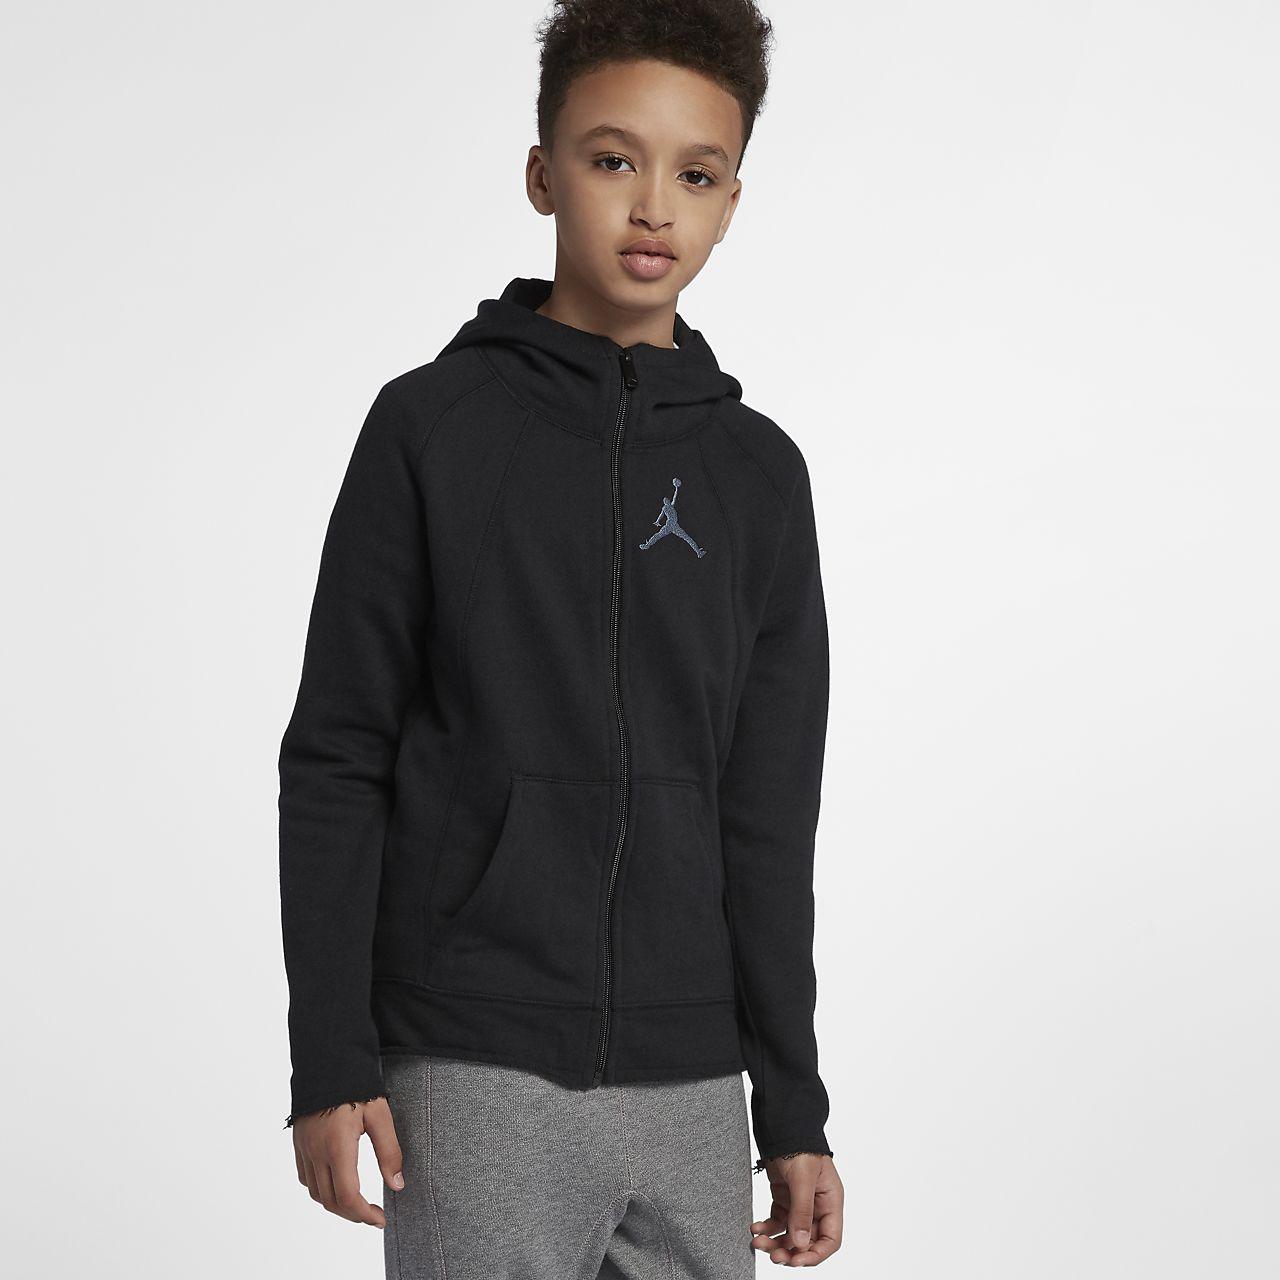 44e2c455d7 ... Jordan Sportswear Wings Lite Hoodie mit durchgehendem Reißverschluss  für ältere Kinder (Jungen)